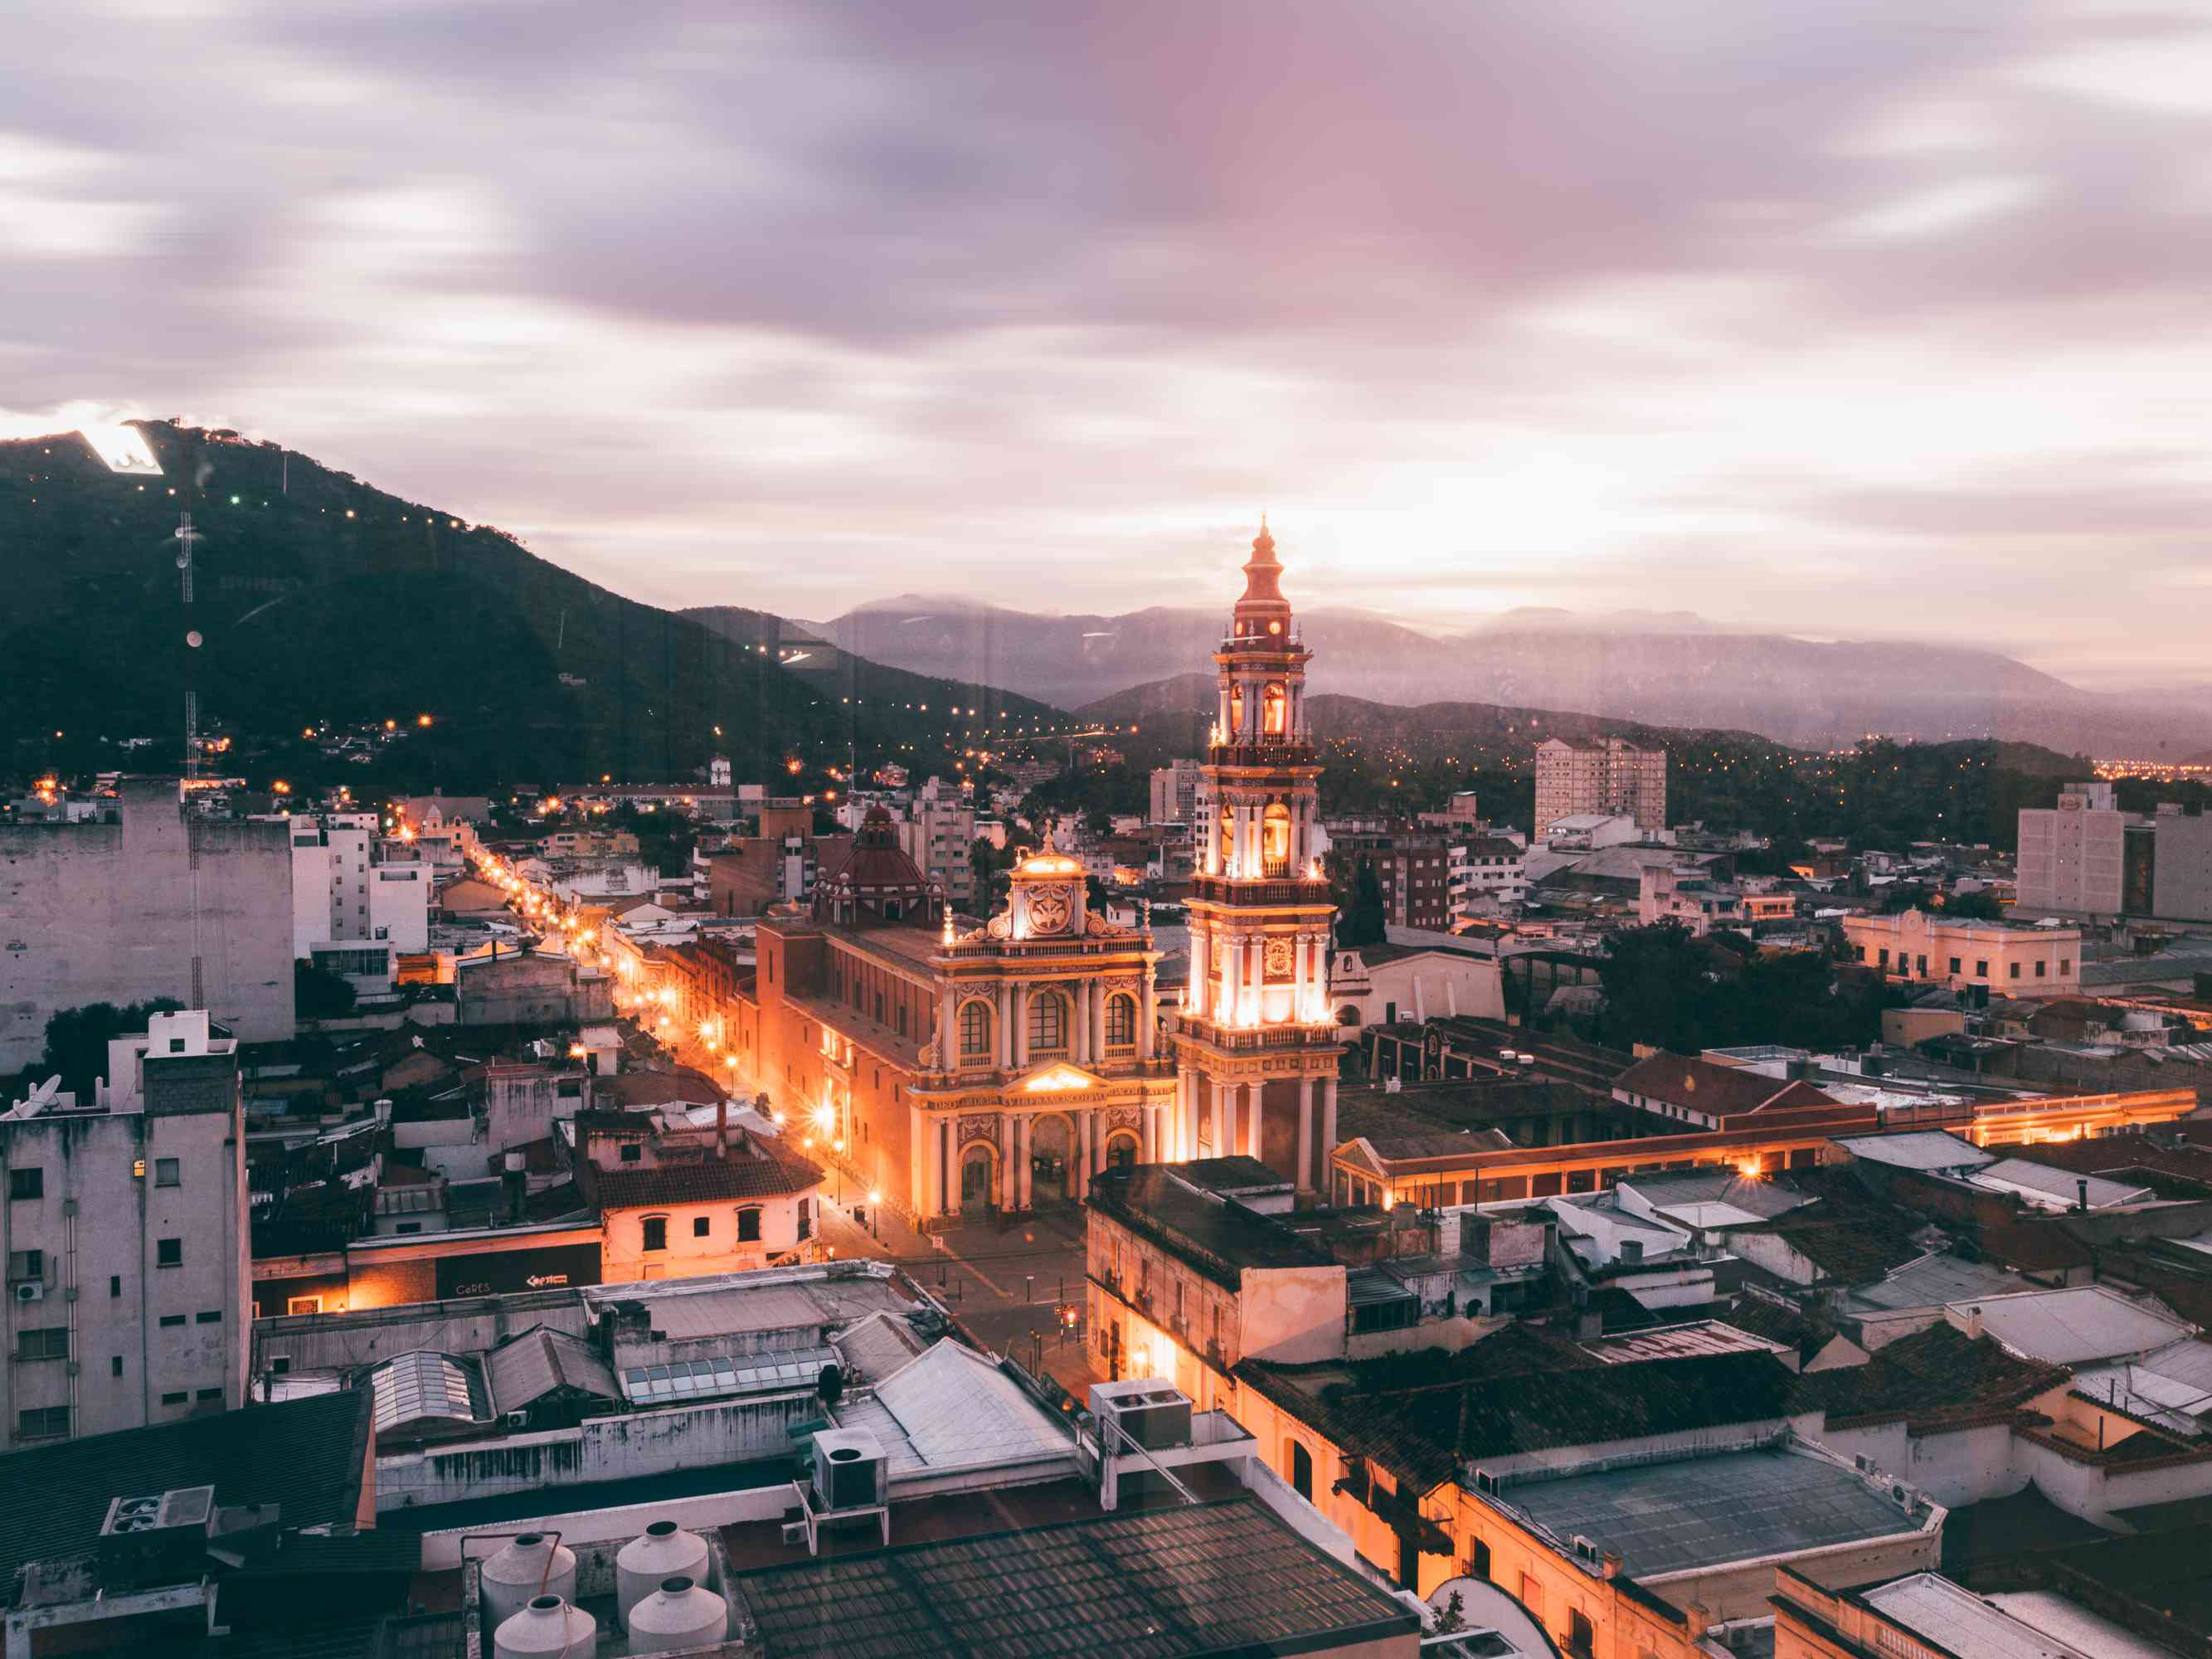 Cityscape of Salta